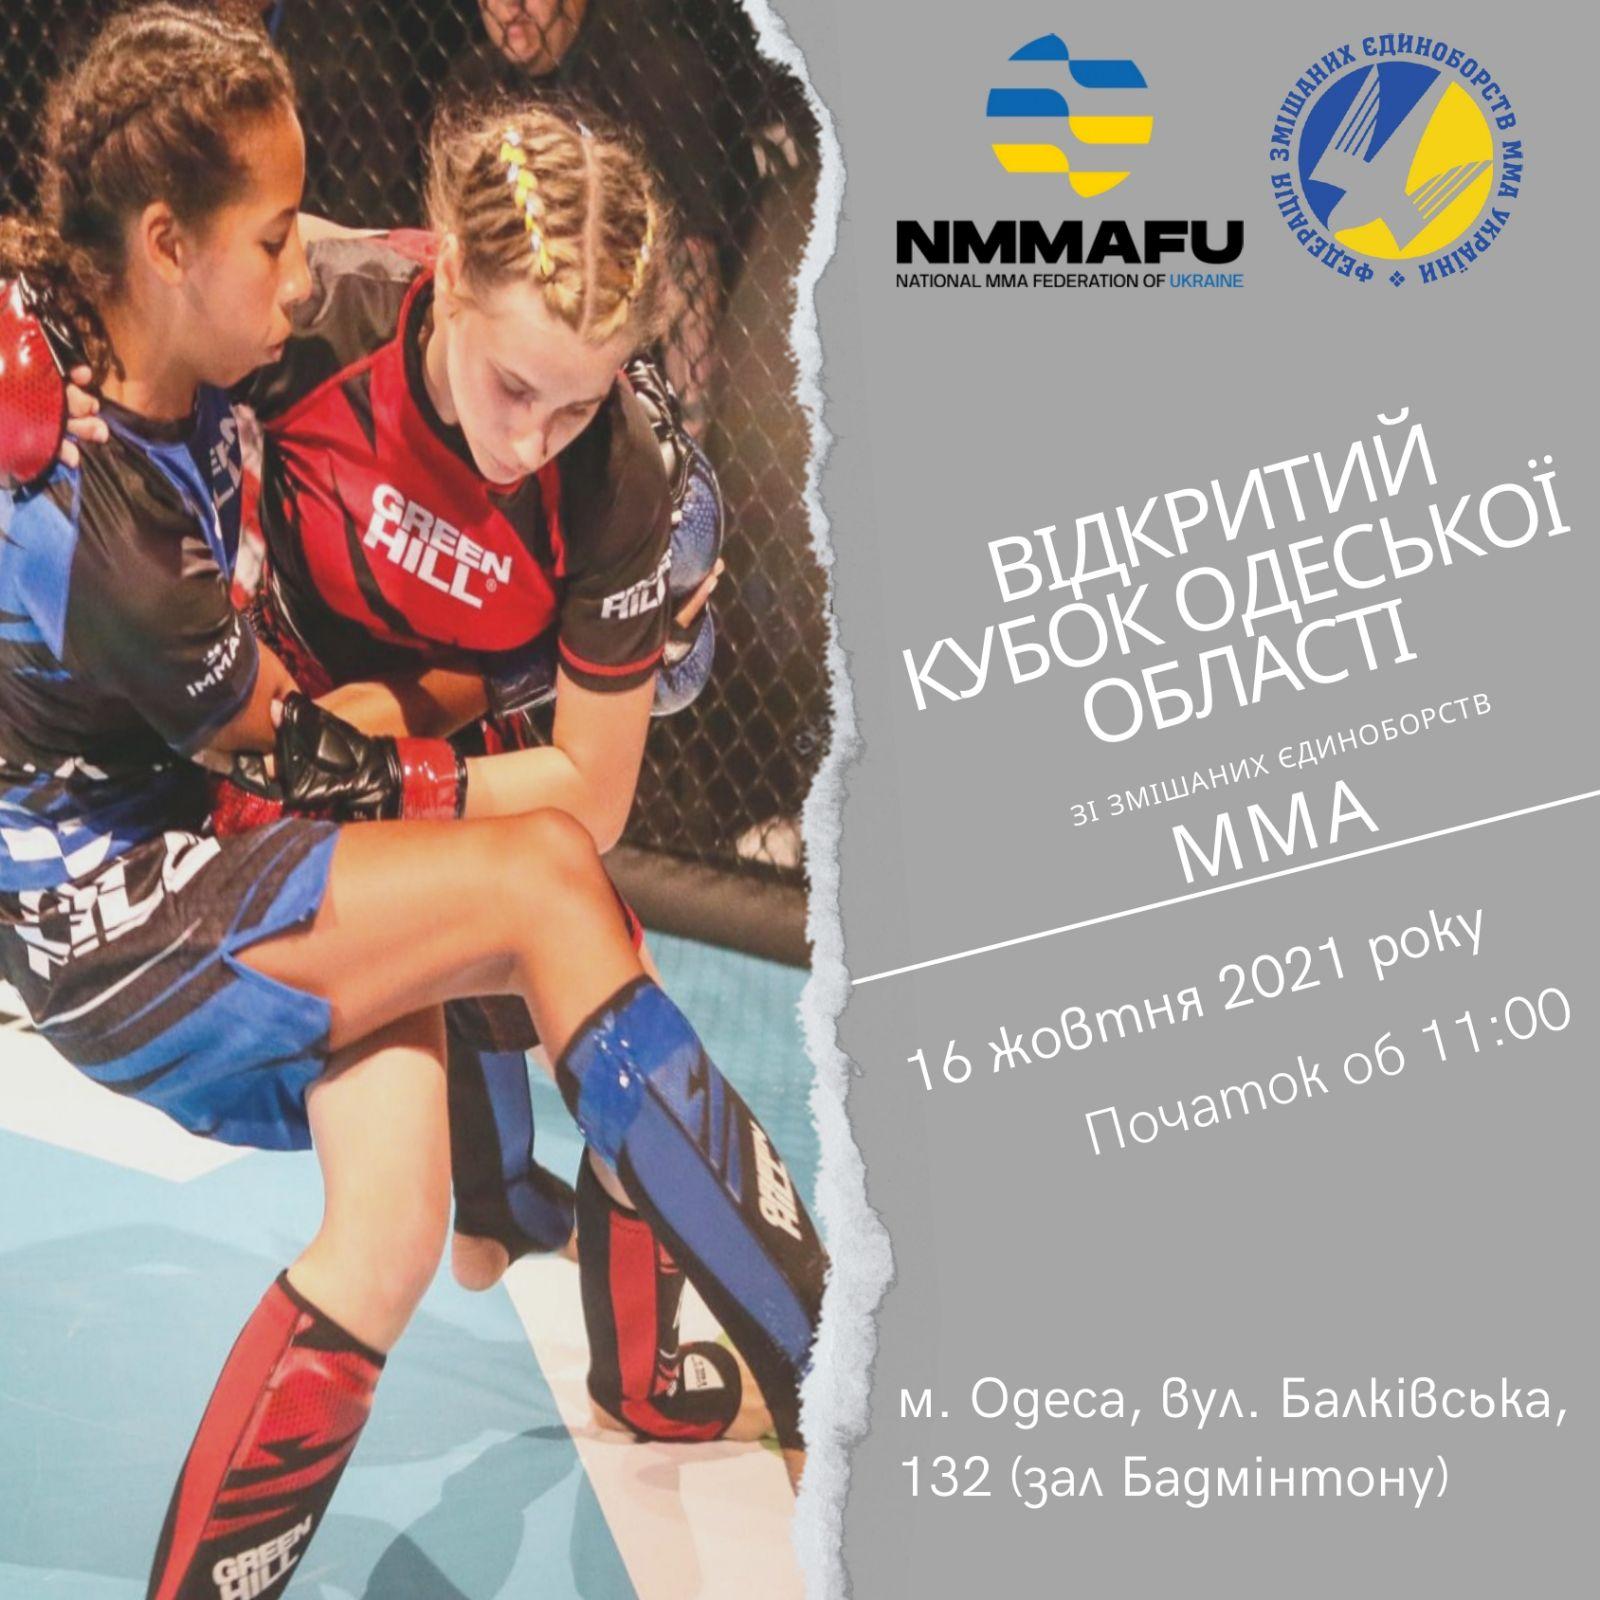 15-16 жовтня Відкритий Кубок Одеської області зі змішаних єдиноборств ММА